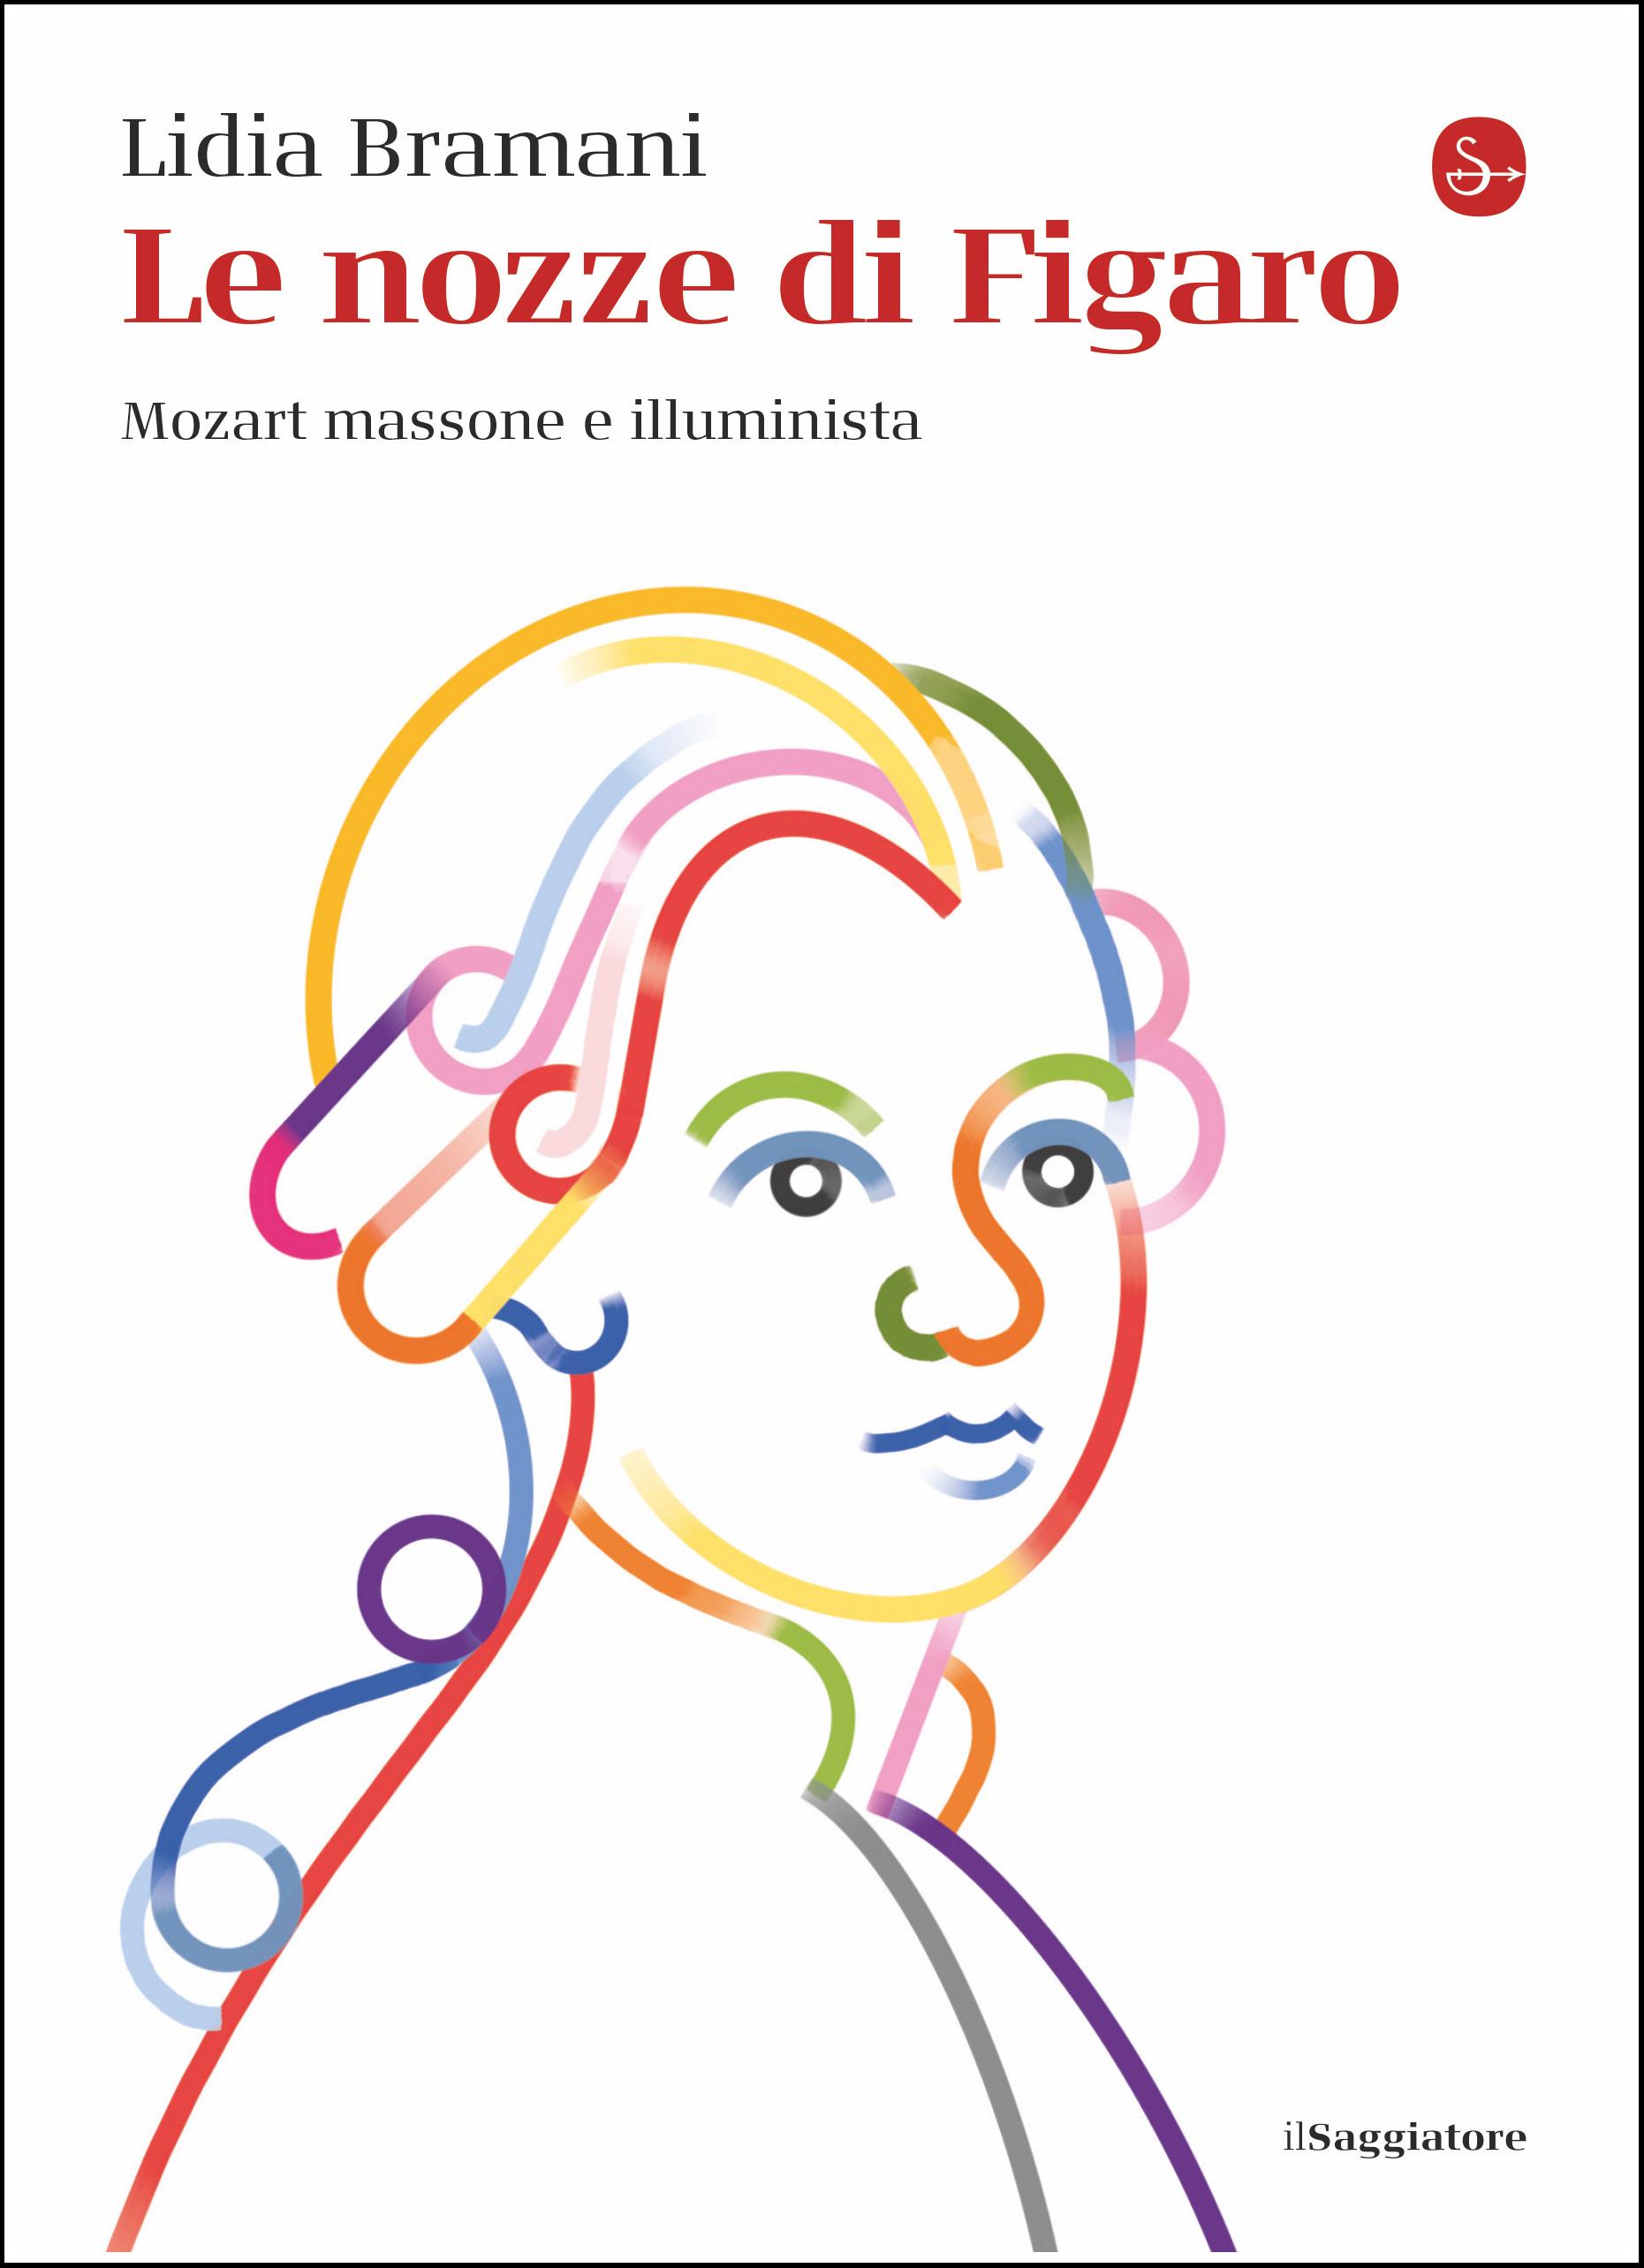 Le Nozze di Figaro - Mozart massone e illuminista - Lidia Bramani